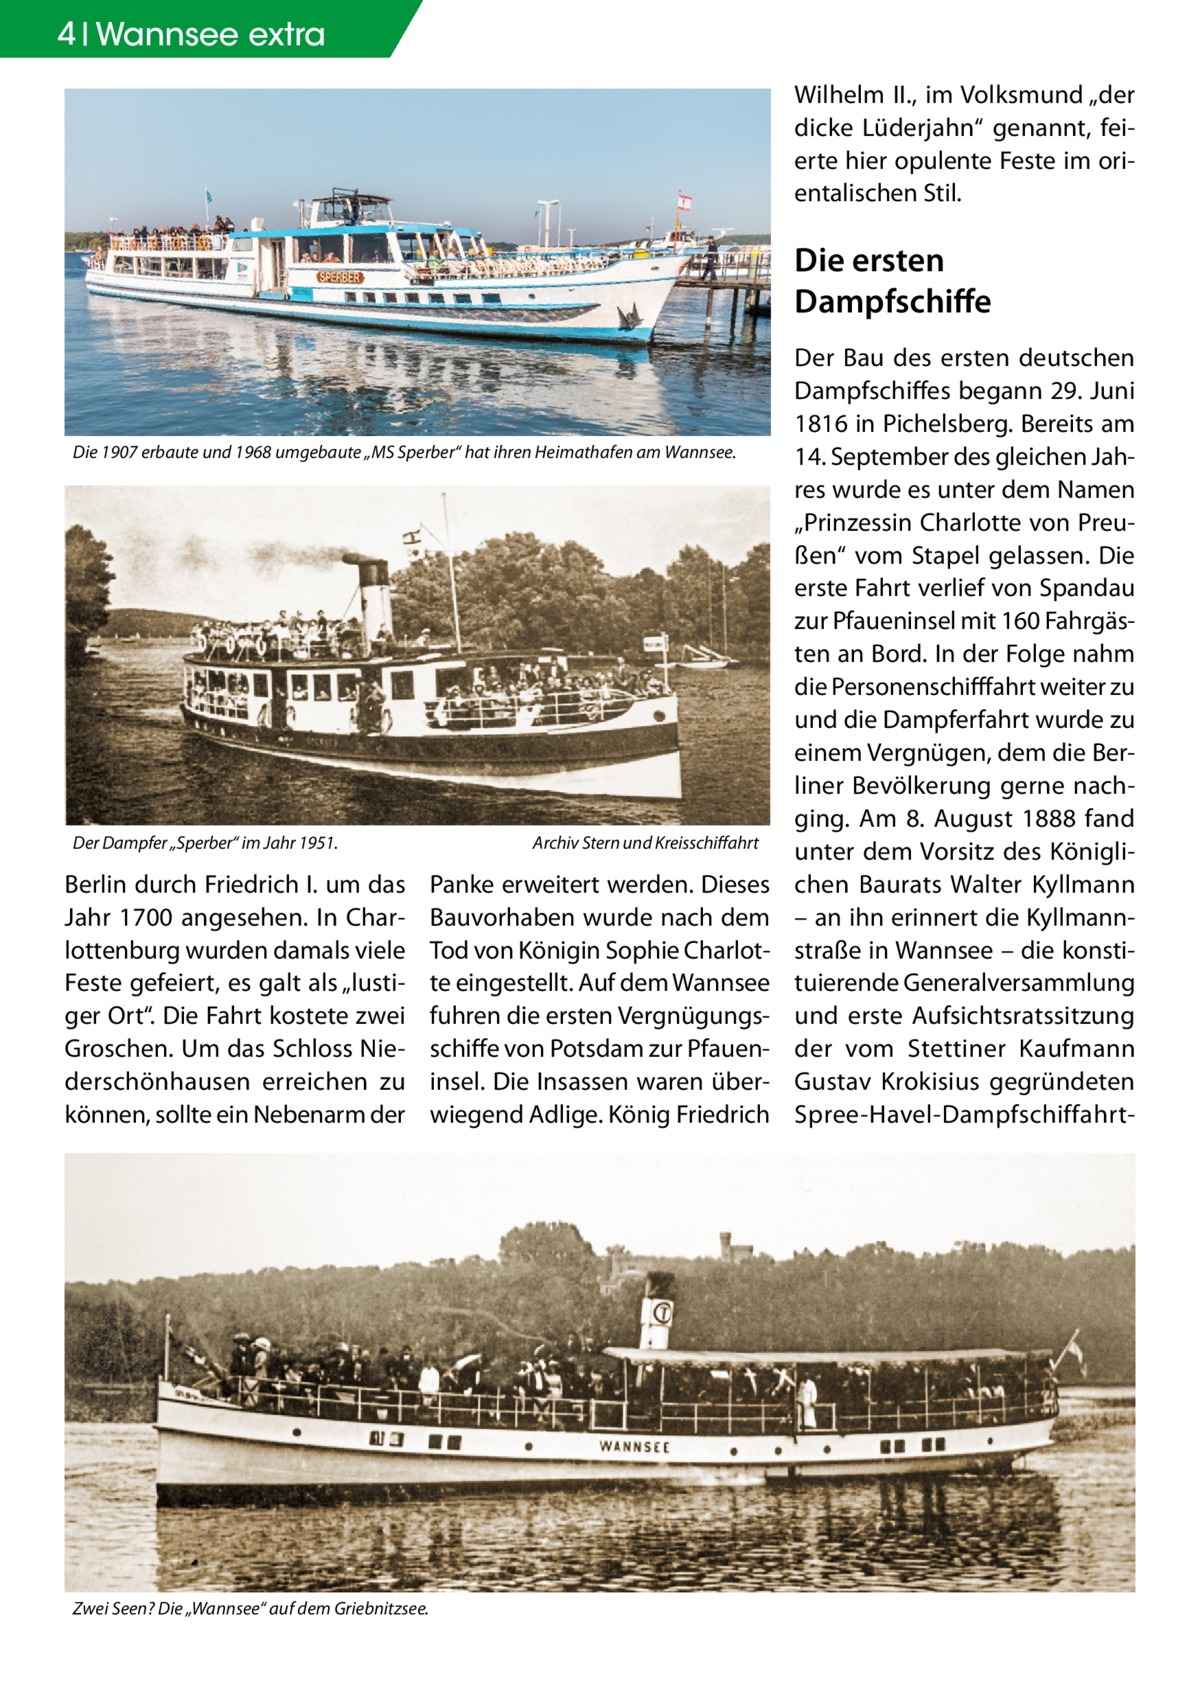 """4 Wannsee extra WilhelmII., im Volksmund """"der dicke Lüderjahn"""" genannt, feierte hier opulente Feste im orientalischen Stil.  Die ersten Dampfschiffe  Die 1907 erbaute und 1968 umgebaute """"MS Sperber"""" hat ihren Heimathafen am Wannsee.  Der Dampfer """"Sperber"""" im Jahr 1951.�  Berlin durch FriedrichI. um das Jahr 1700 angesehen. In Charlottenburg wurden damals viele Feste gefeiert, es galt als """"lustiger Ort"""". Die Fahrt kostete zwei Groschen. Um das Schloss Niederschönhausen erreichen zu können, sollte ein Nebenarm der  Zwei Seen? Die """"Wannsee"""" auf dem Griebnitzsee.  Archiv Stern und Kreisschiffahrt  Panke erweitert werden. Dieses Bauvorhaben wurde nach dem Tod von Königin Sophie Charlotte eingestellt. Auf dem Wannsee fuhren die ersten Vergnügungsschiffe von Potsdam zur Pfaueninsel. Die Insassen waren überwiegend Adlige. König Friedrich  Der Bau des ersten deutschen Dampfschiffes begann 29.Juni 1816 in Pichelsberg. Bereits am 14.September des gleichen Jahres wurde es unter dem Namen """"Prinzessin Charlotte von Preußen"""" vom Stapel gelassen. Die erste Fahrt verlief von Spandau zur Pfaueninsel mit 160 Fahrgästen an Bord. In der Folge nahm die Personenschifffahrt weiter zu und die Dampferfahrt wurde zu einem Vergnügen, dem die Berliner Bevölkerung gerne nachging. Am 8. August 1888 fand unter dem Vorsitz des Königlichen Baurats Walter Kyllmann – an ihn erinnert die Kyllmannstraße in Wannsee – die konstituierende Generalversammlung und erste Aufsichtsratssitzung der vom Stettiner Kaufmann Gustav Krokisius gegründeten Spree-Havel-Dampfschiffahr"""